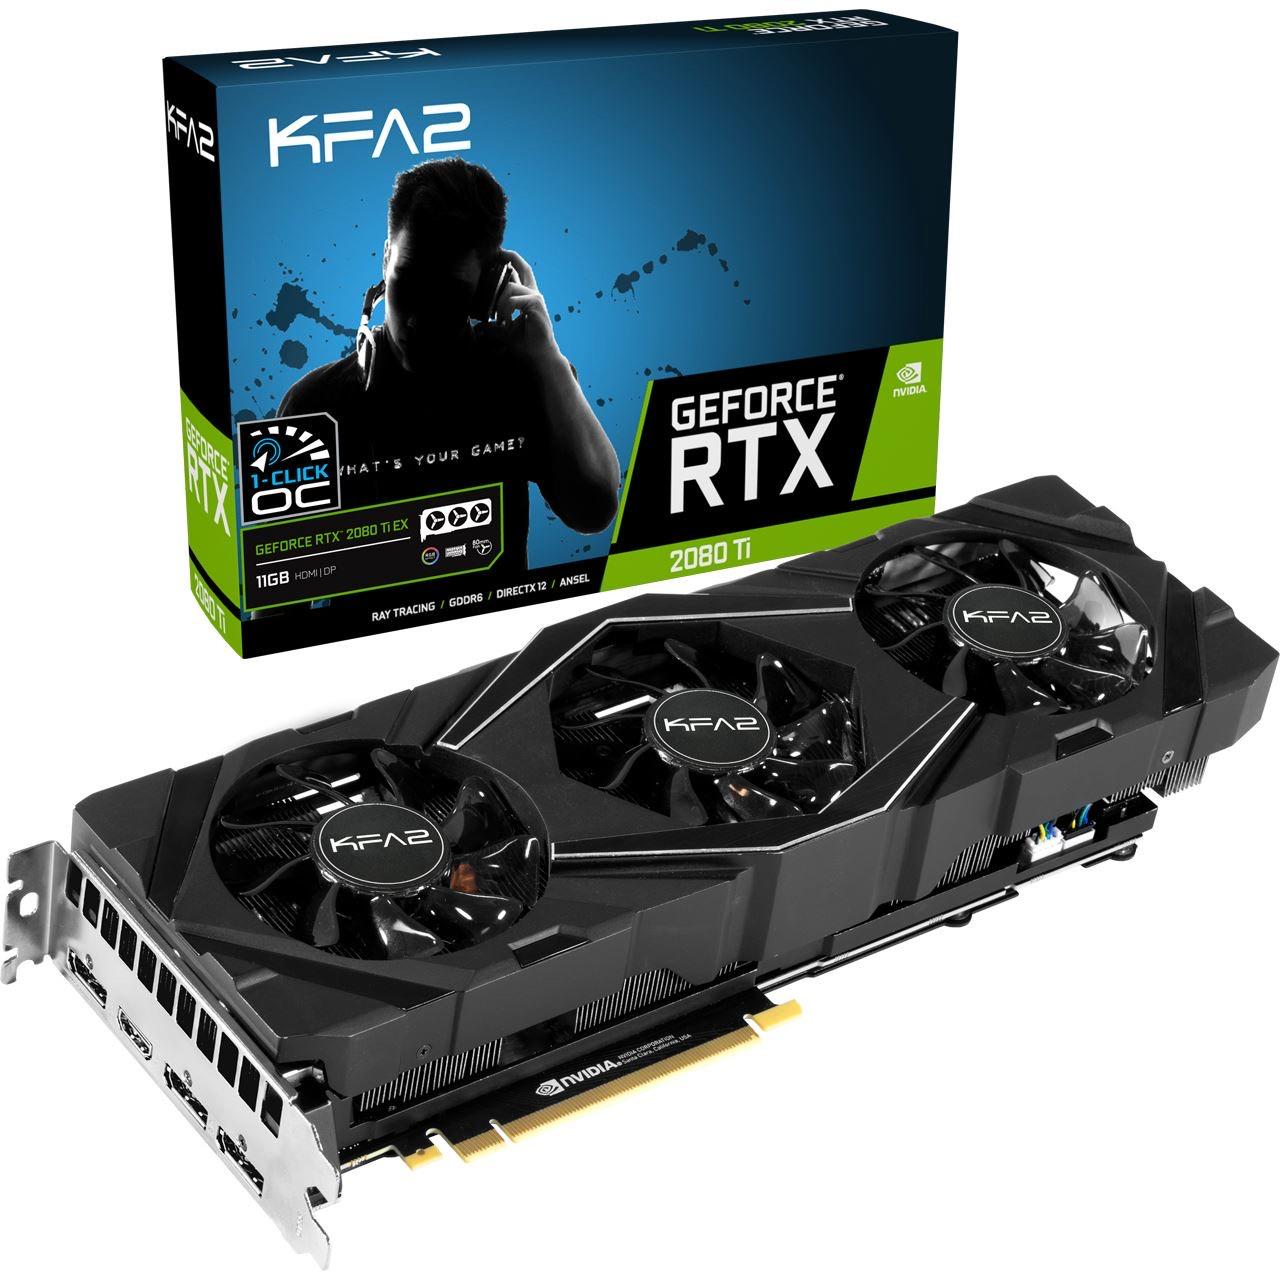 11GB KFA2 GeForce RTX 2080 Ti EX (1-Click OC) Aktiv PCIe 3.0 x16 (Retail)